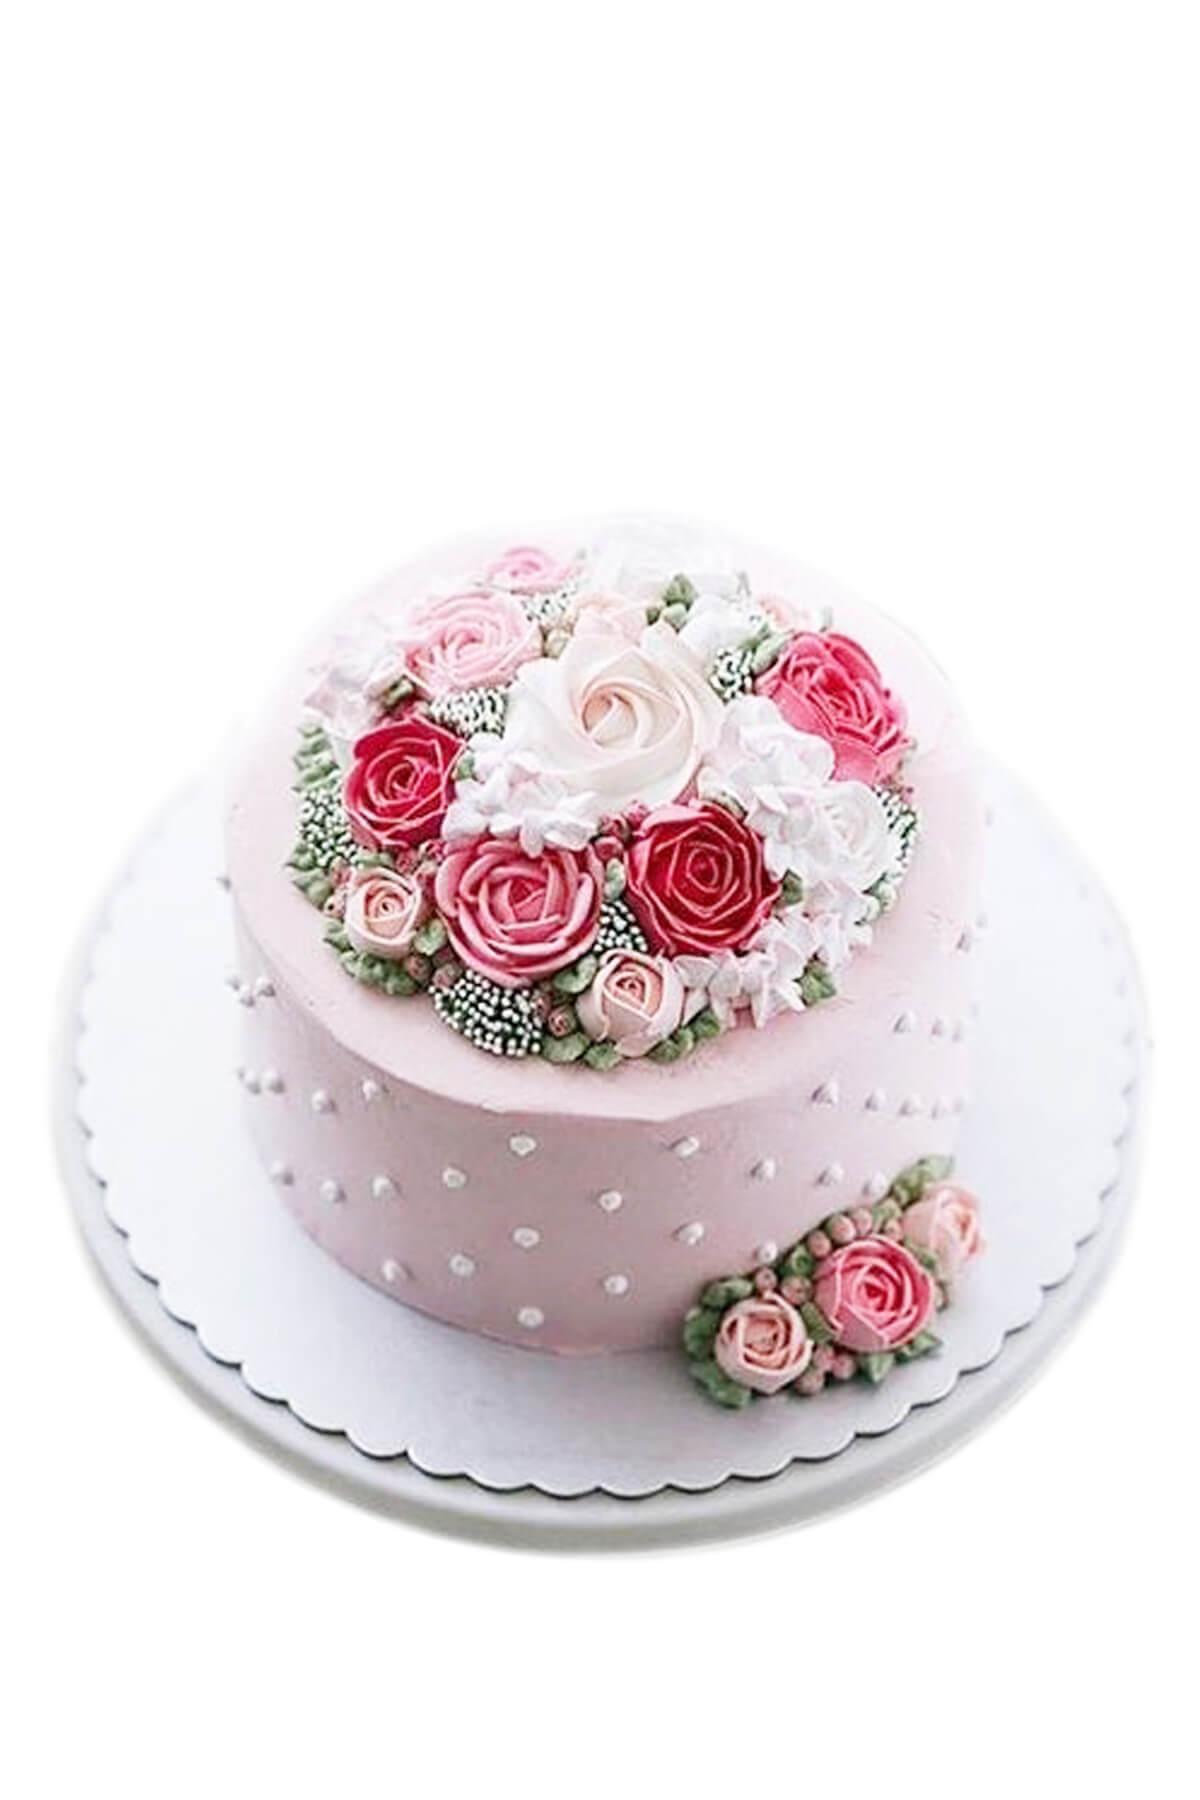 bánh kem hoa tươi sang trọng